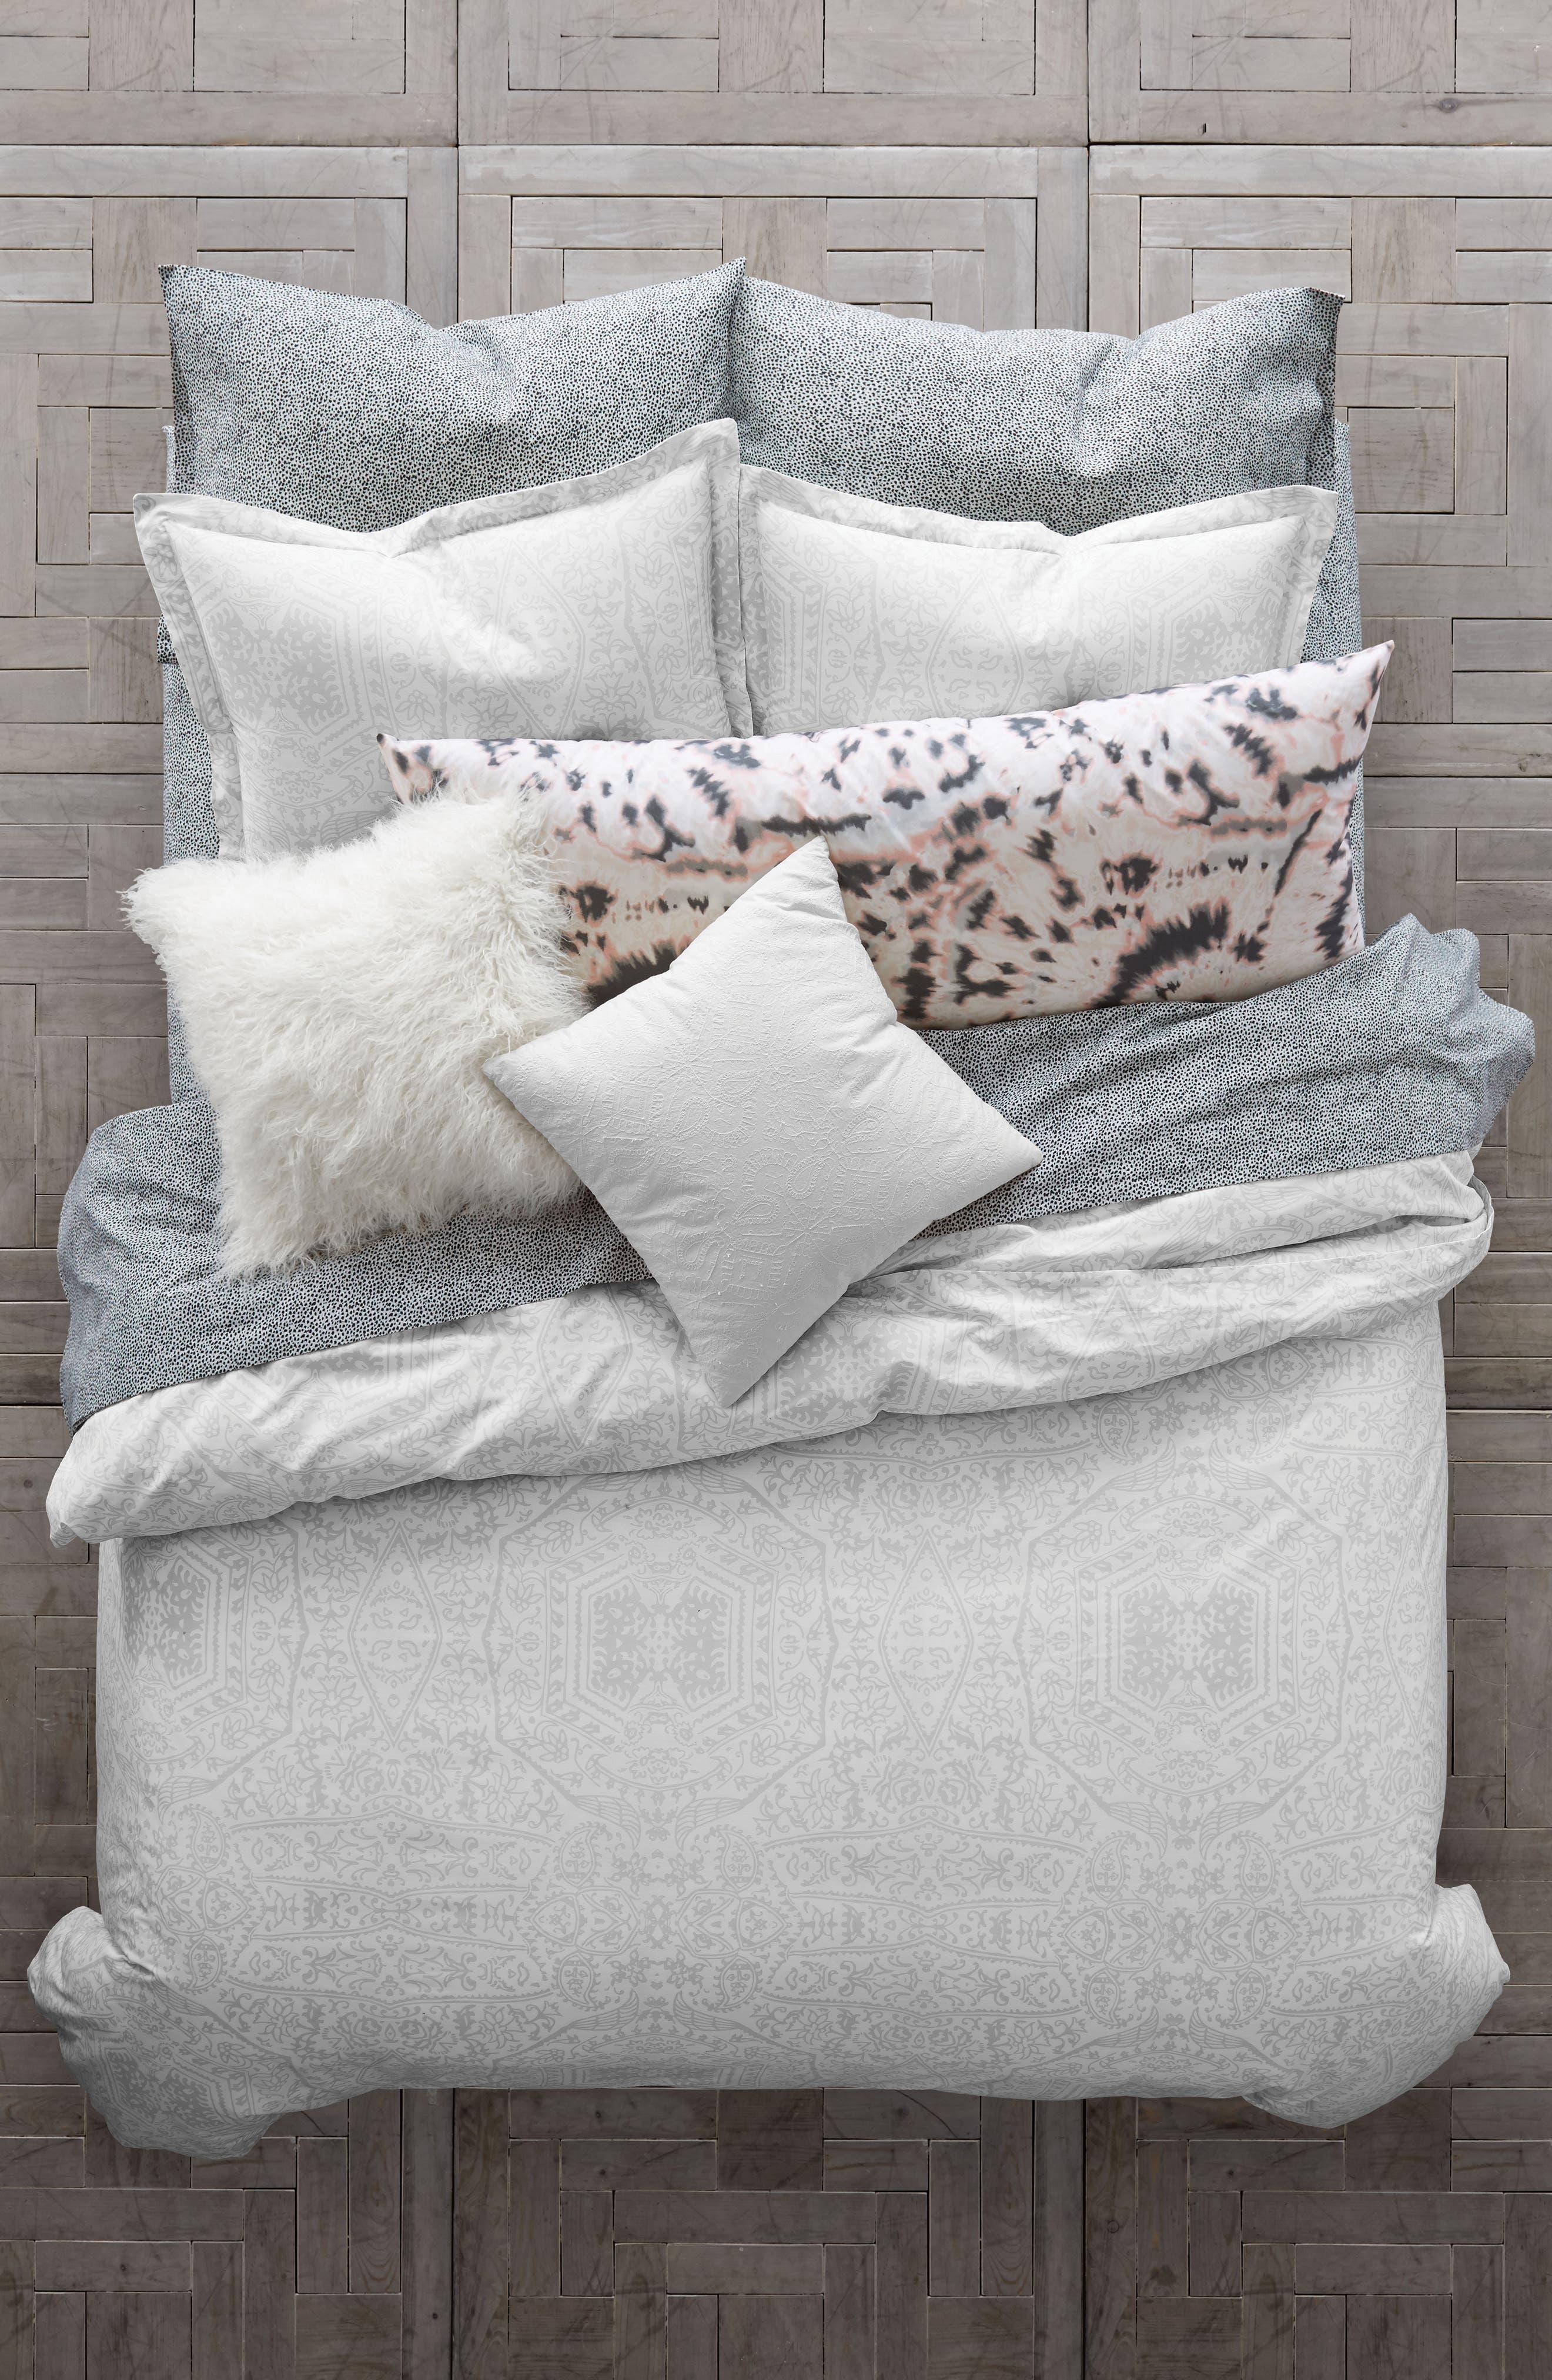 Chantilly Lace Comforter & Sham Set,                         Main,                         color, 100